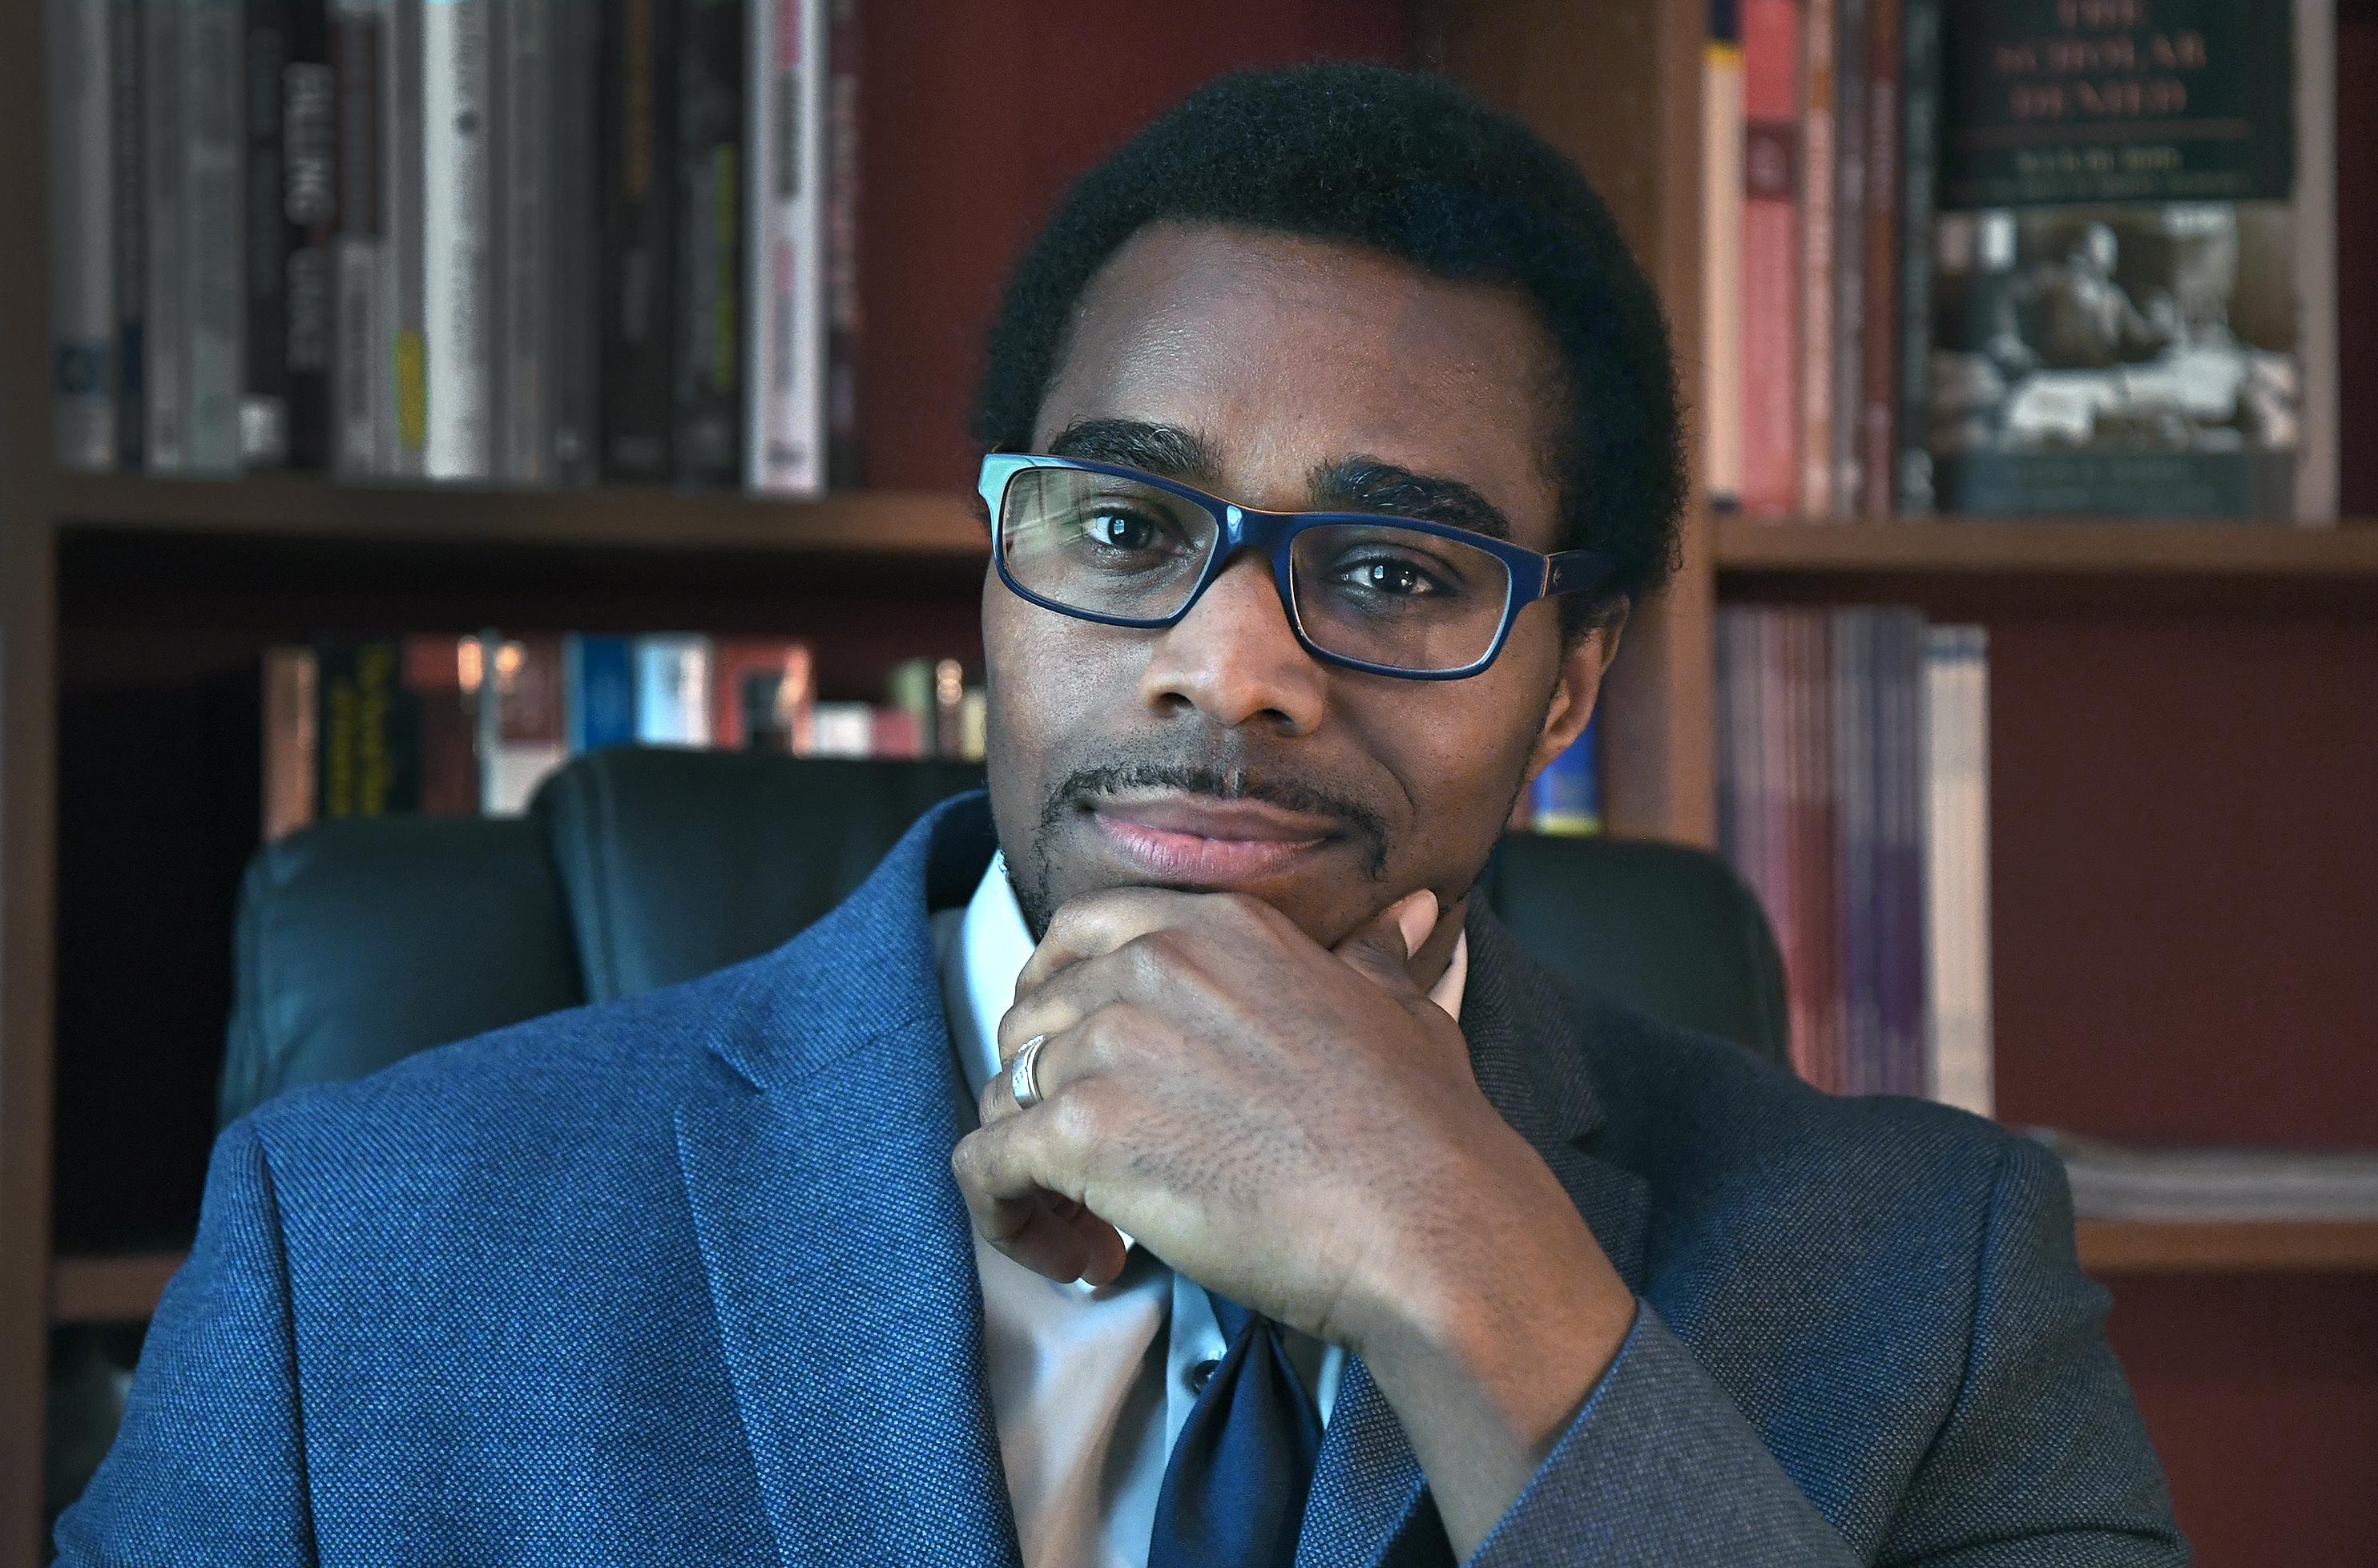 研究人员拉肖恩·雷研究了警务中的种族差异